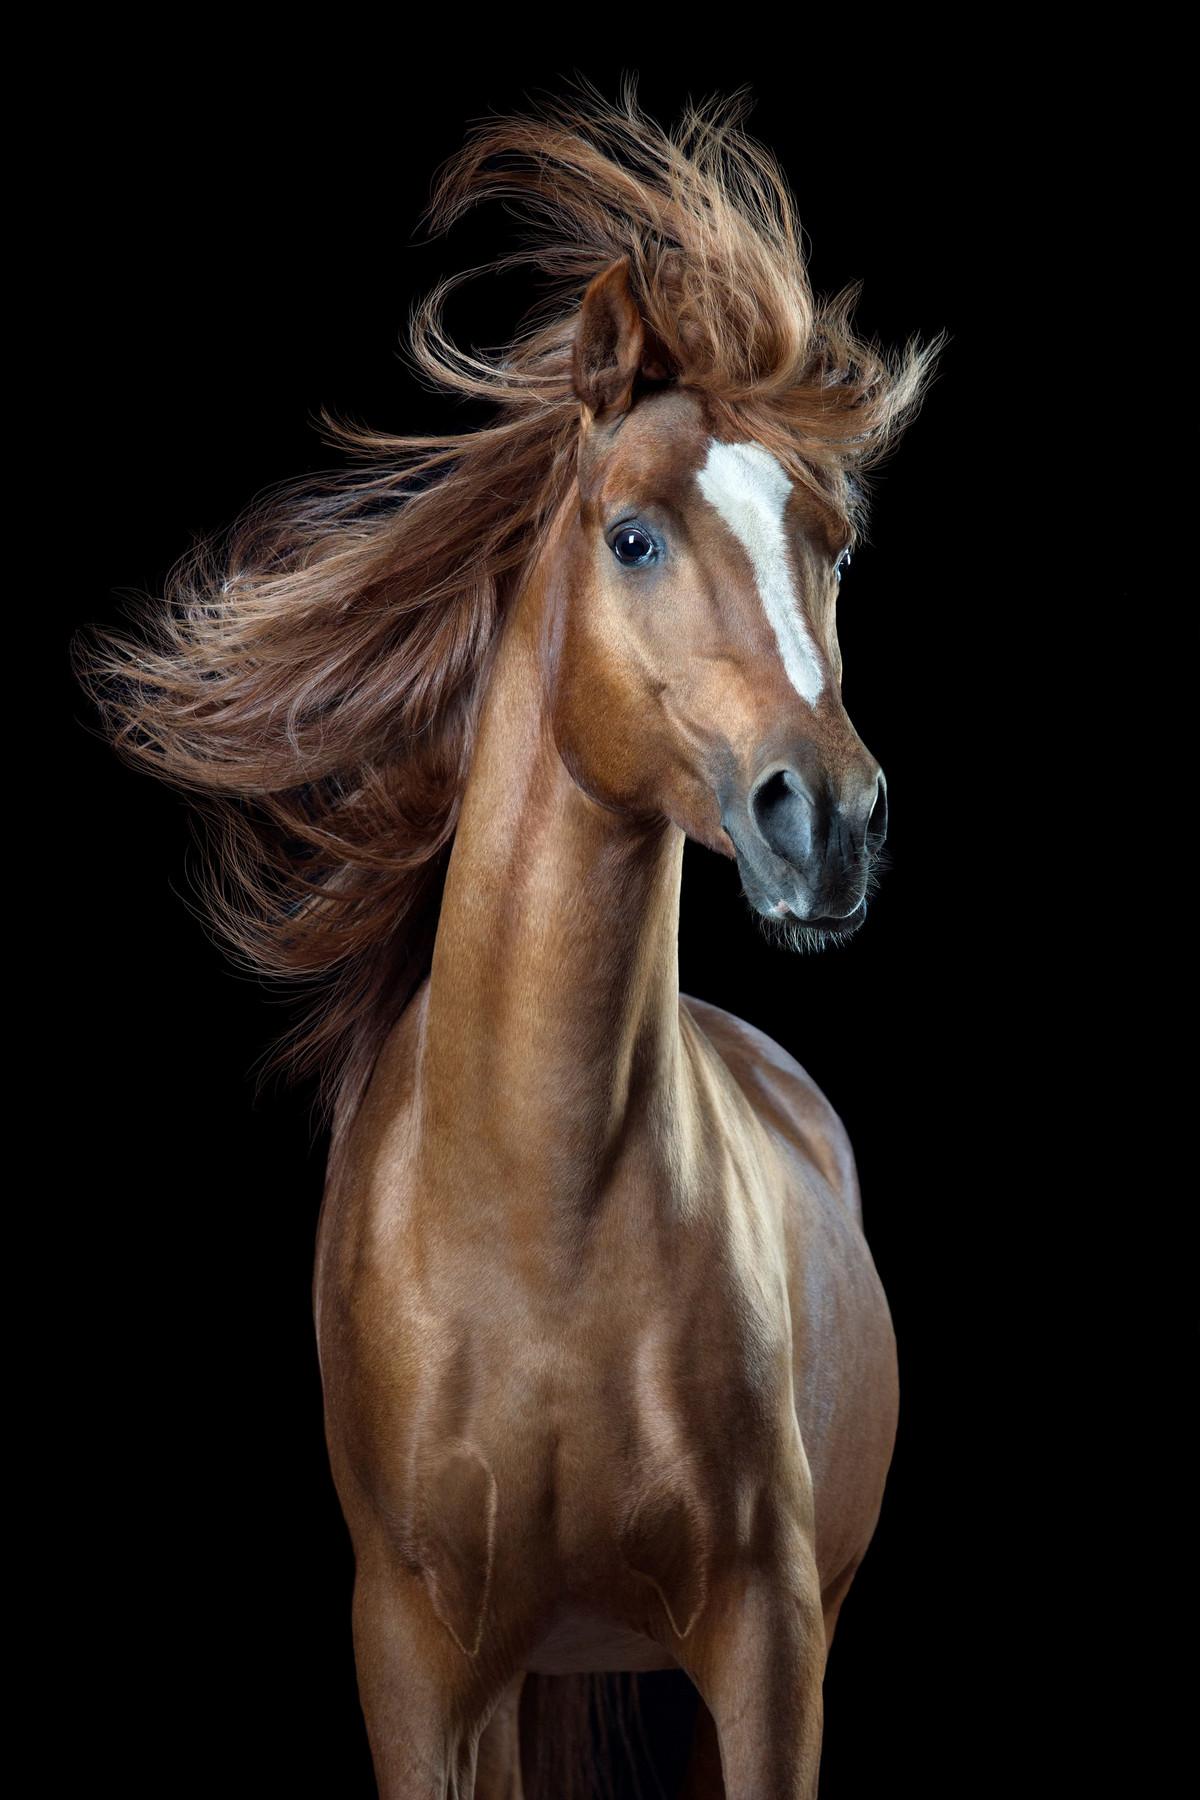 Притягательные гривы в фотографиях Вибке Хаас. Лошади, взмахивающие волосами 5